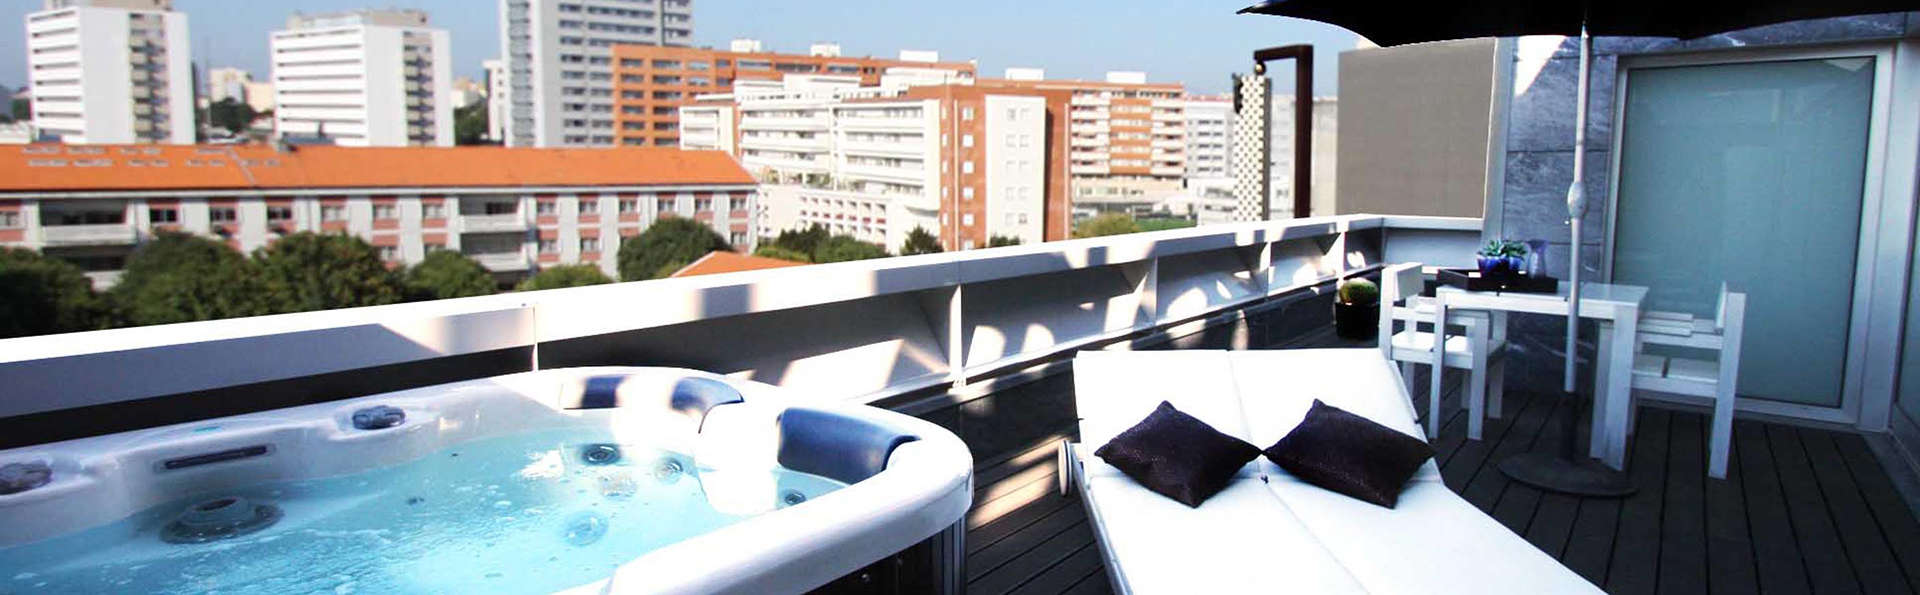 Escapada con acceso a la zona Relax en Boavista, el corazón de Oporto